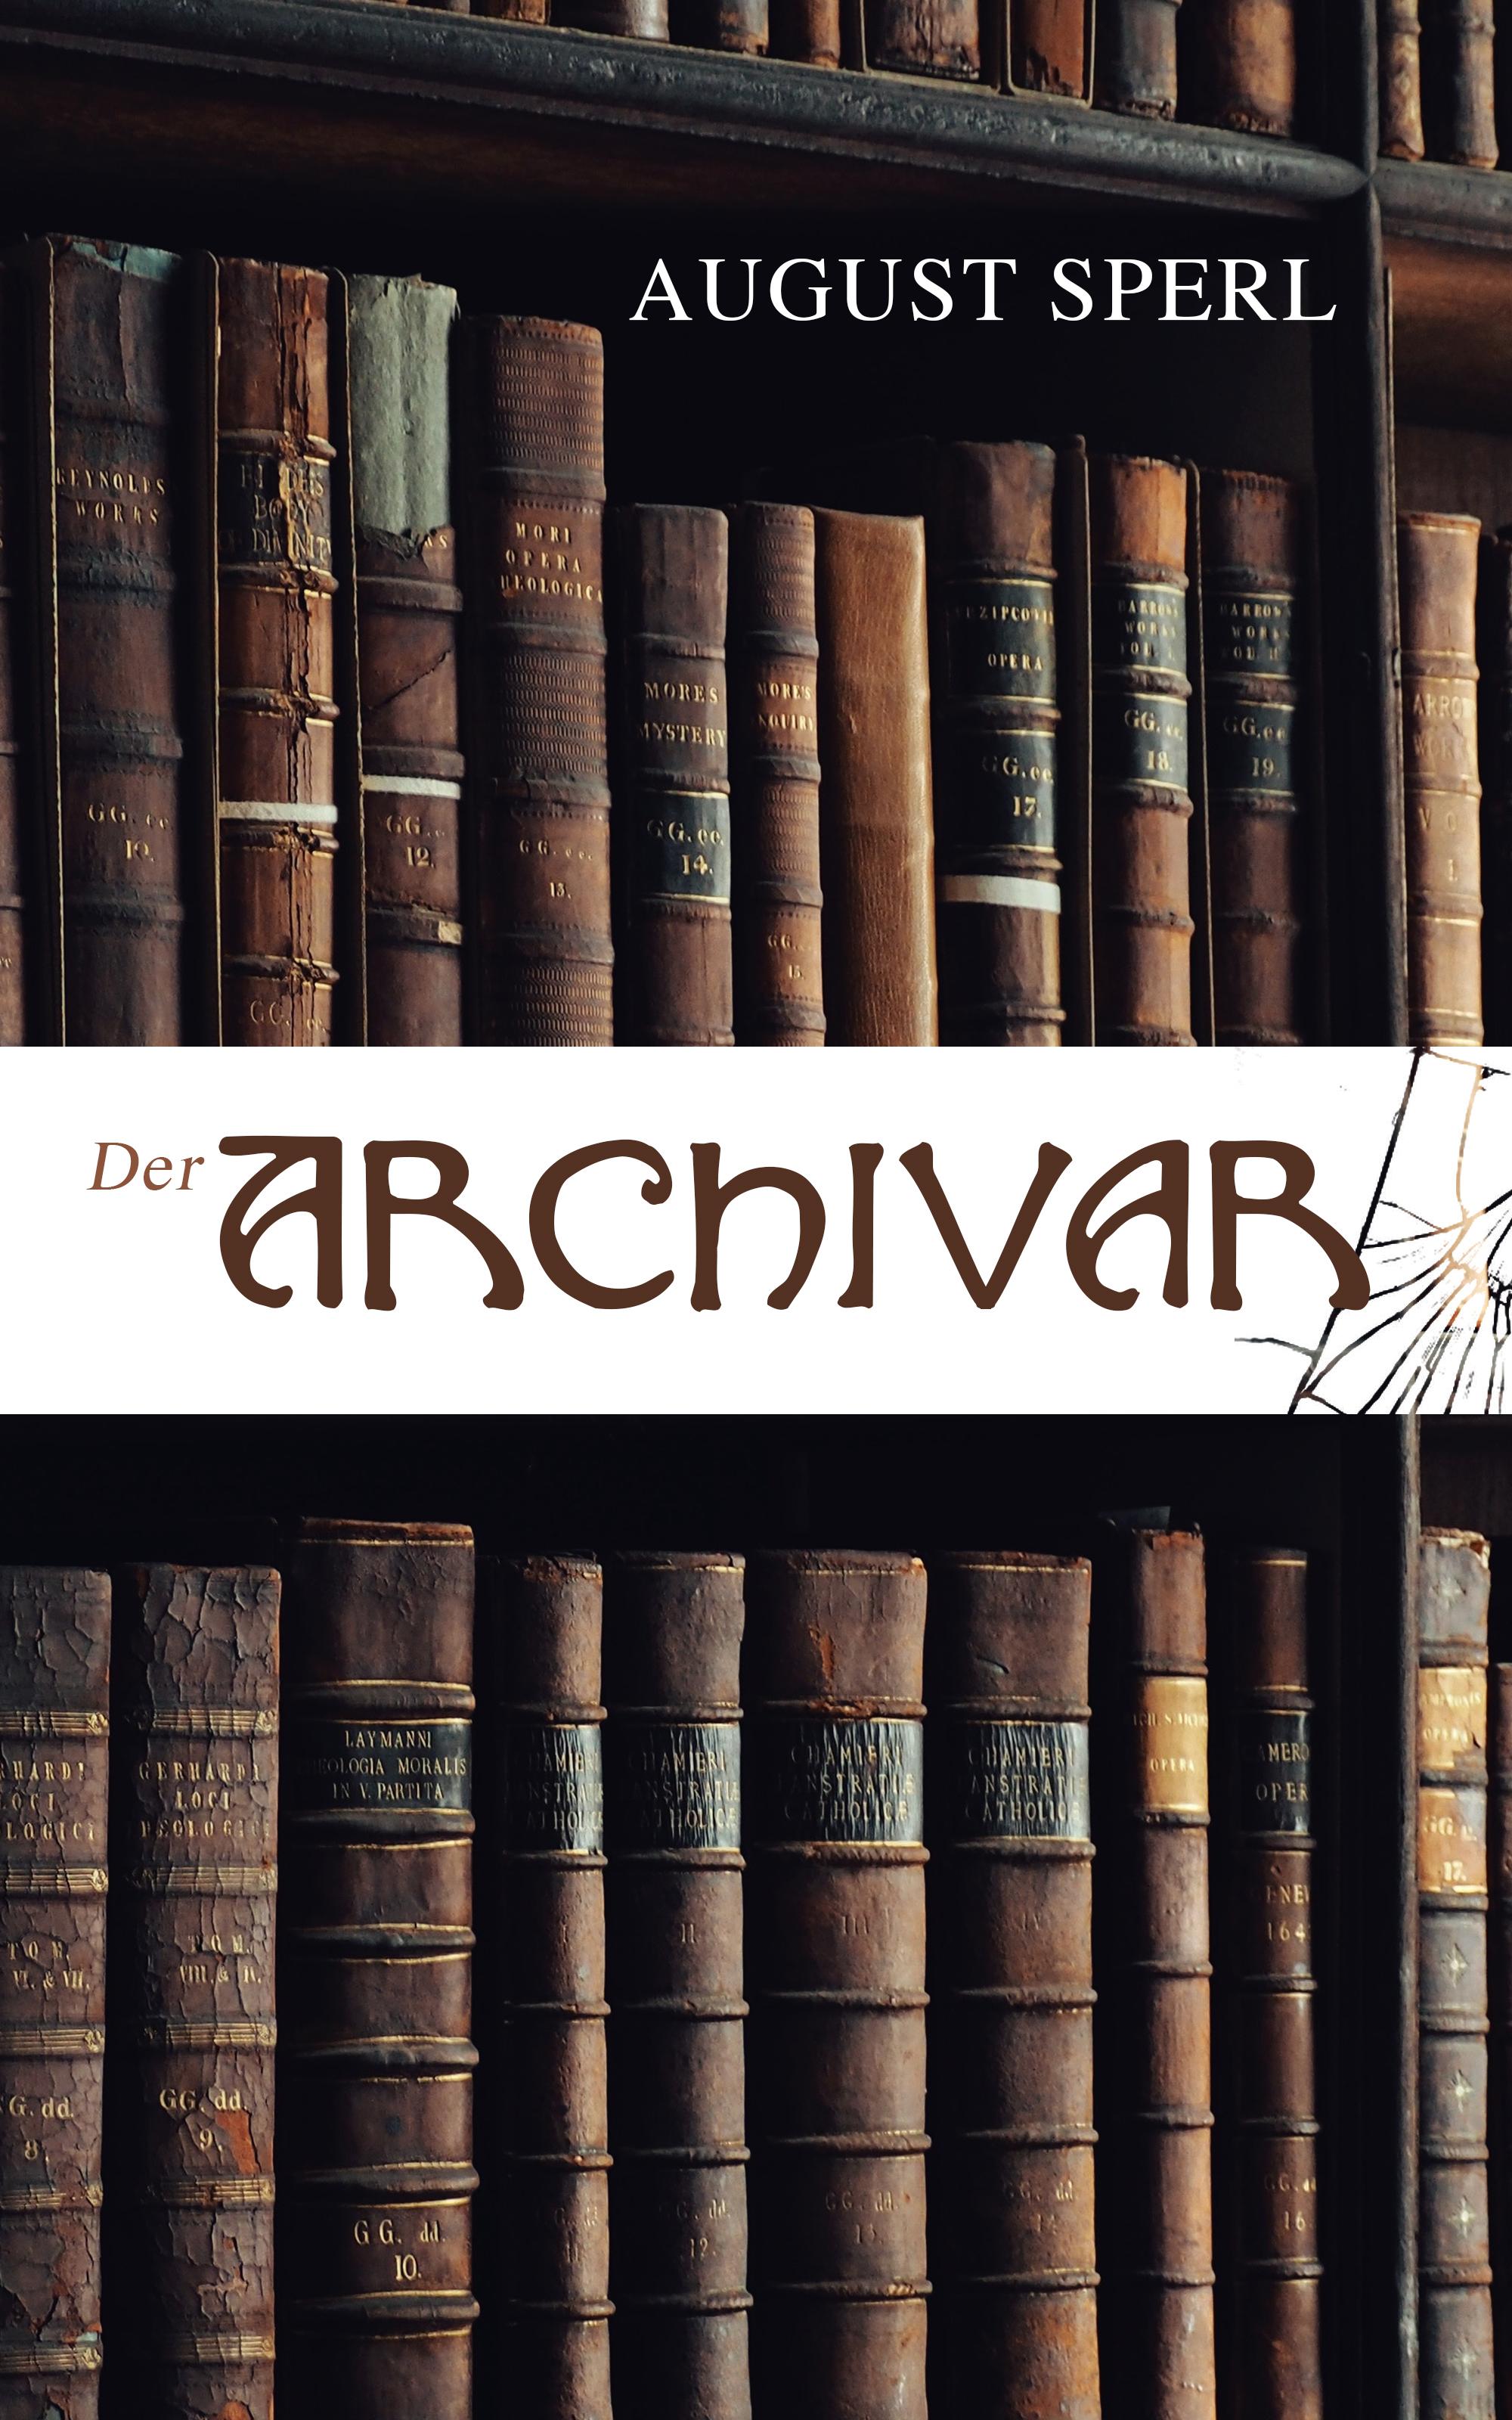 August Sperl Der Archivar